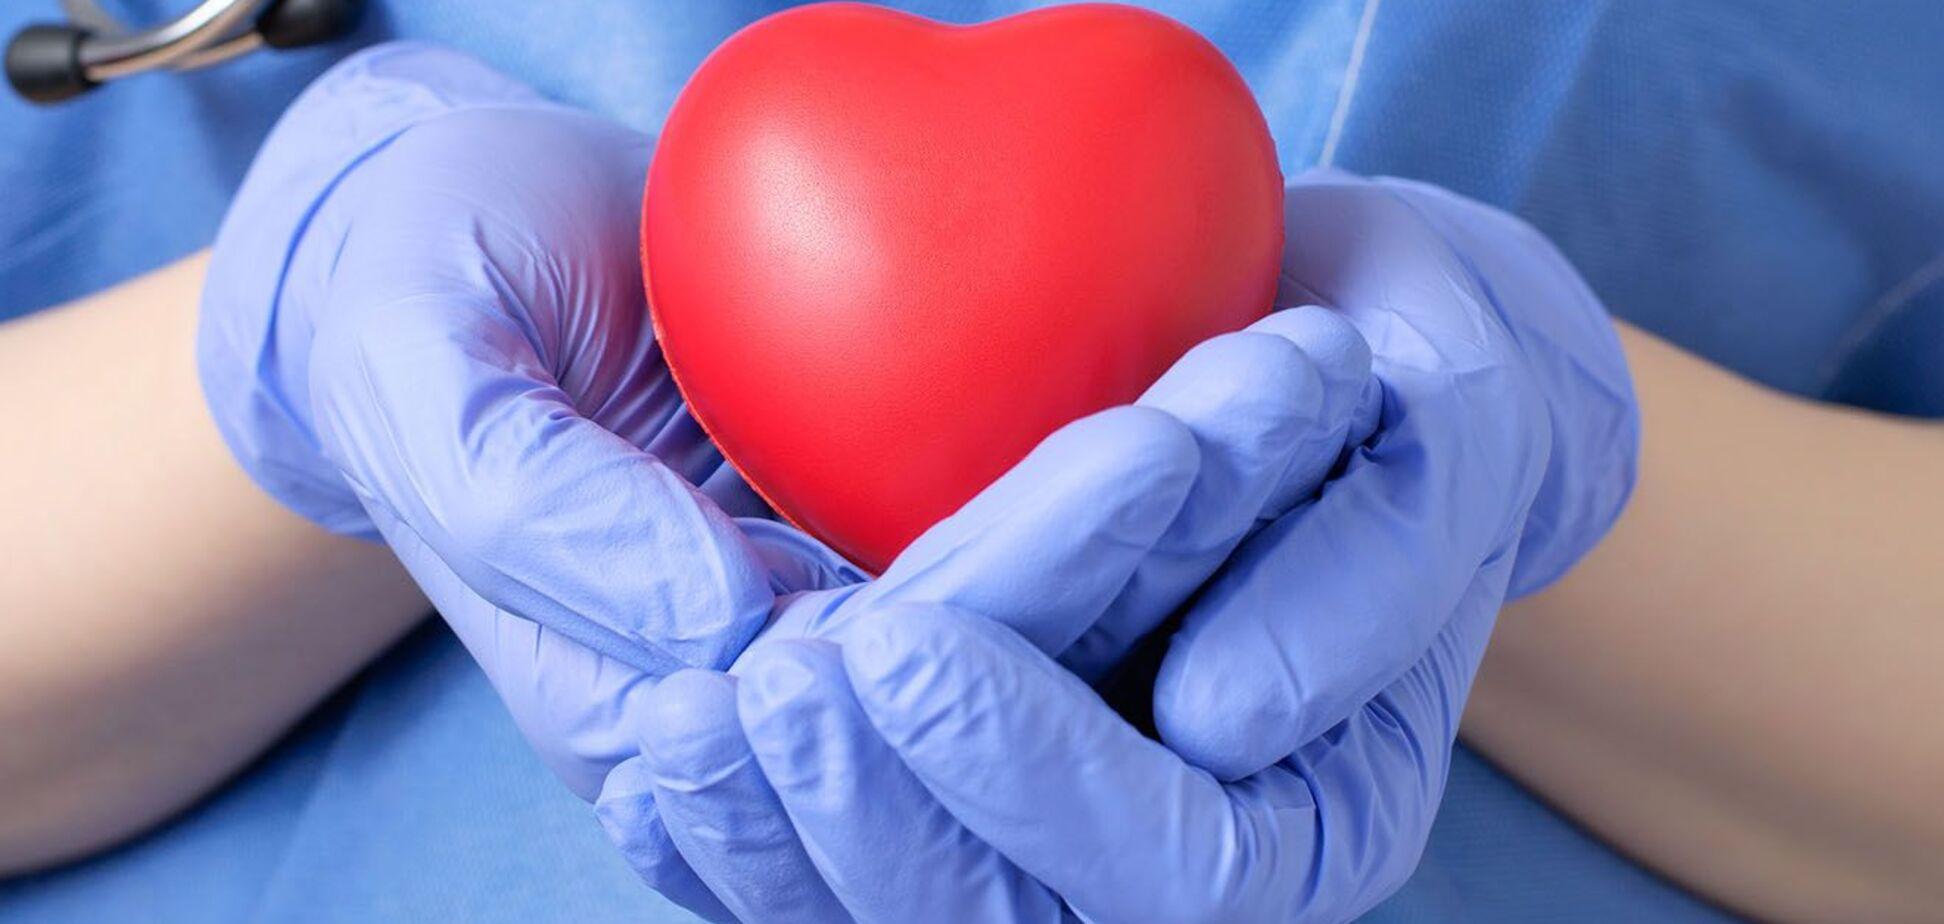 Жена Казачка поблагодарила семье донора сердца для ее мужа